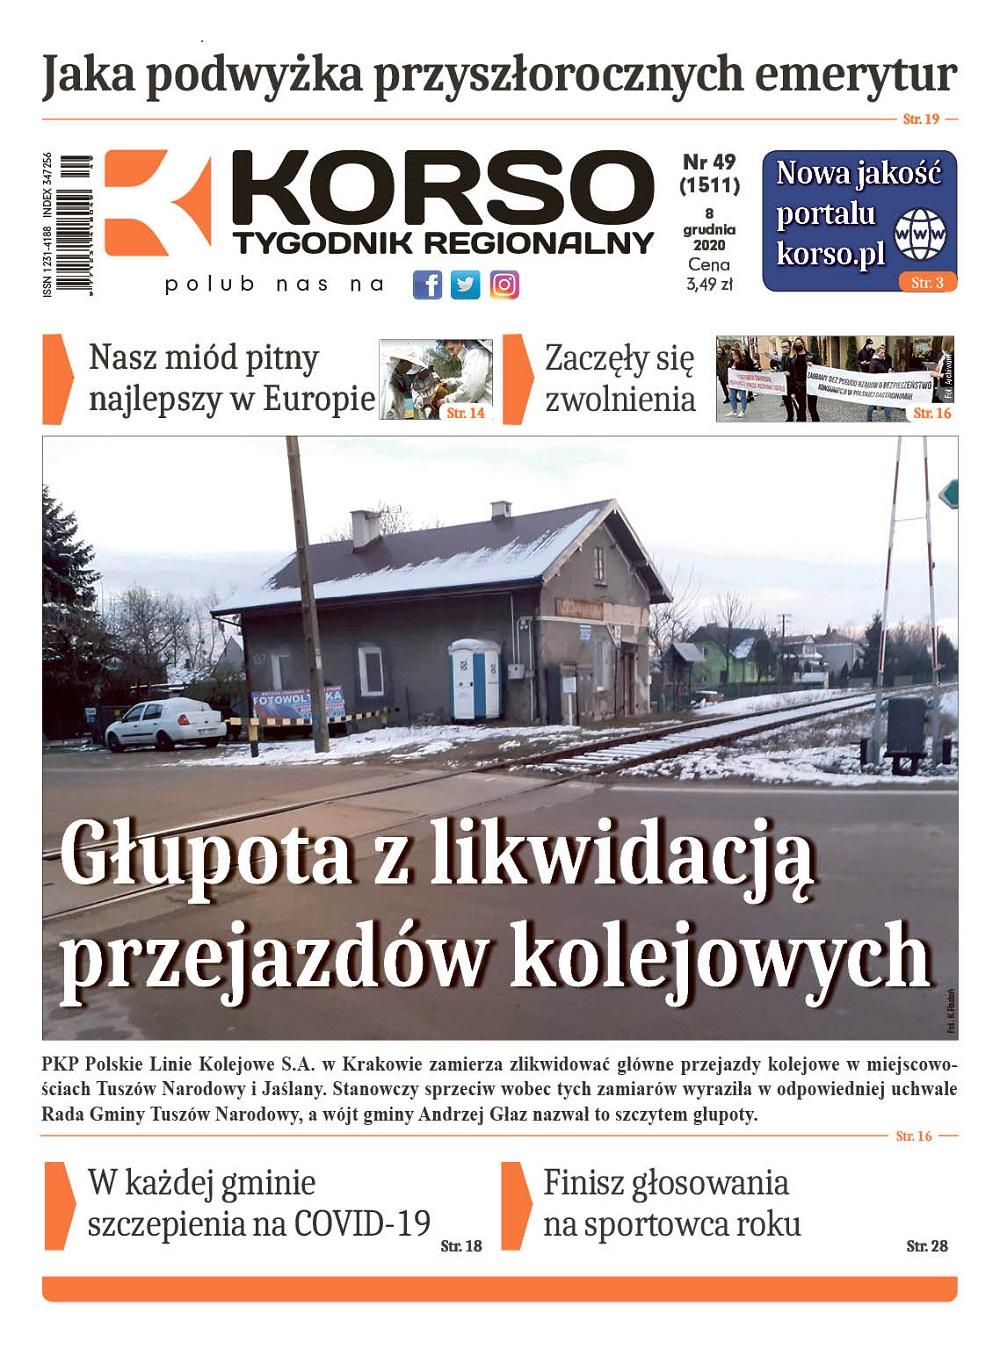 Tygodnik Regionalny KORSO nr 49/2020 - Zdjęcie główne